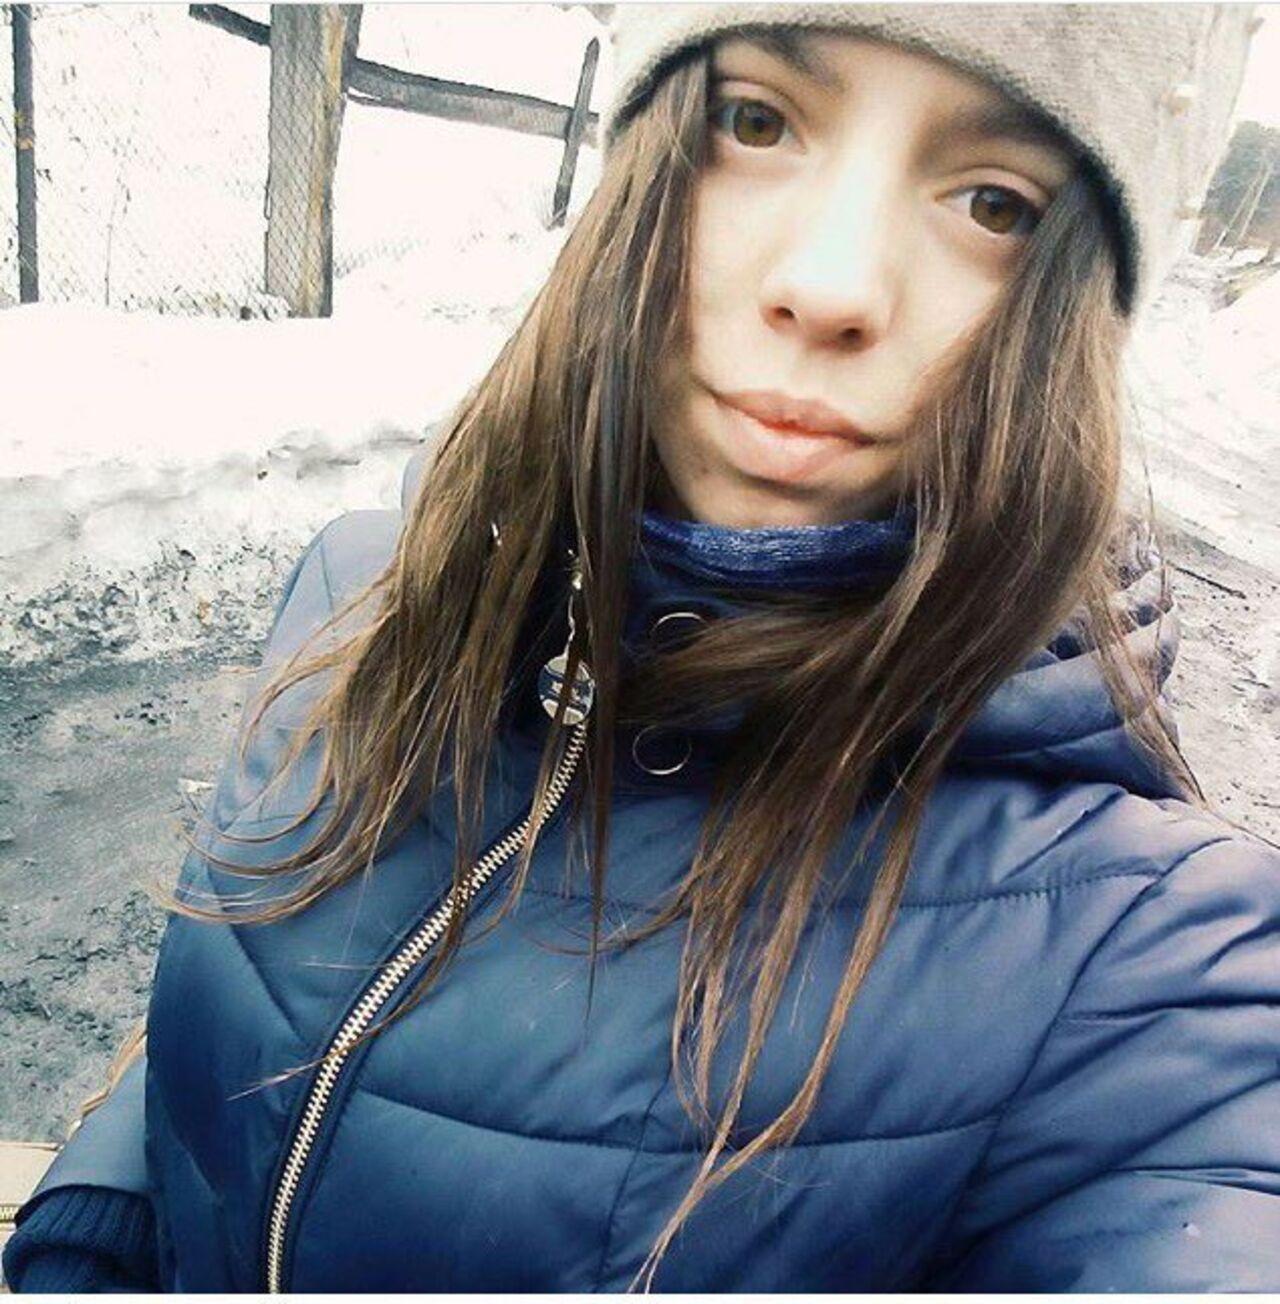 девушки новокузнецка фото внутренней части